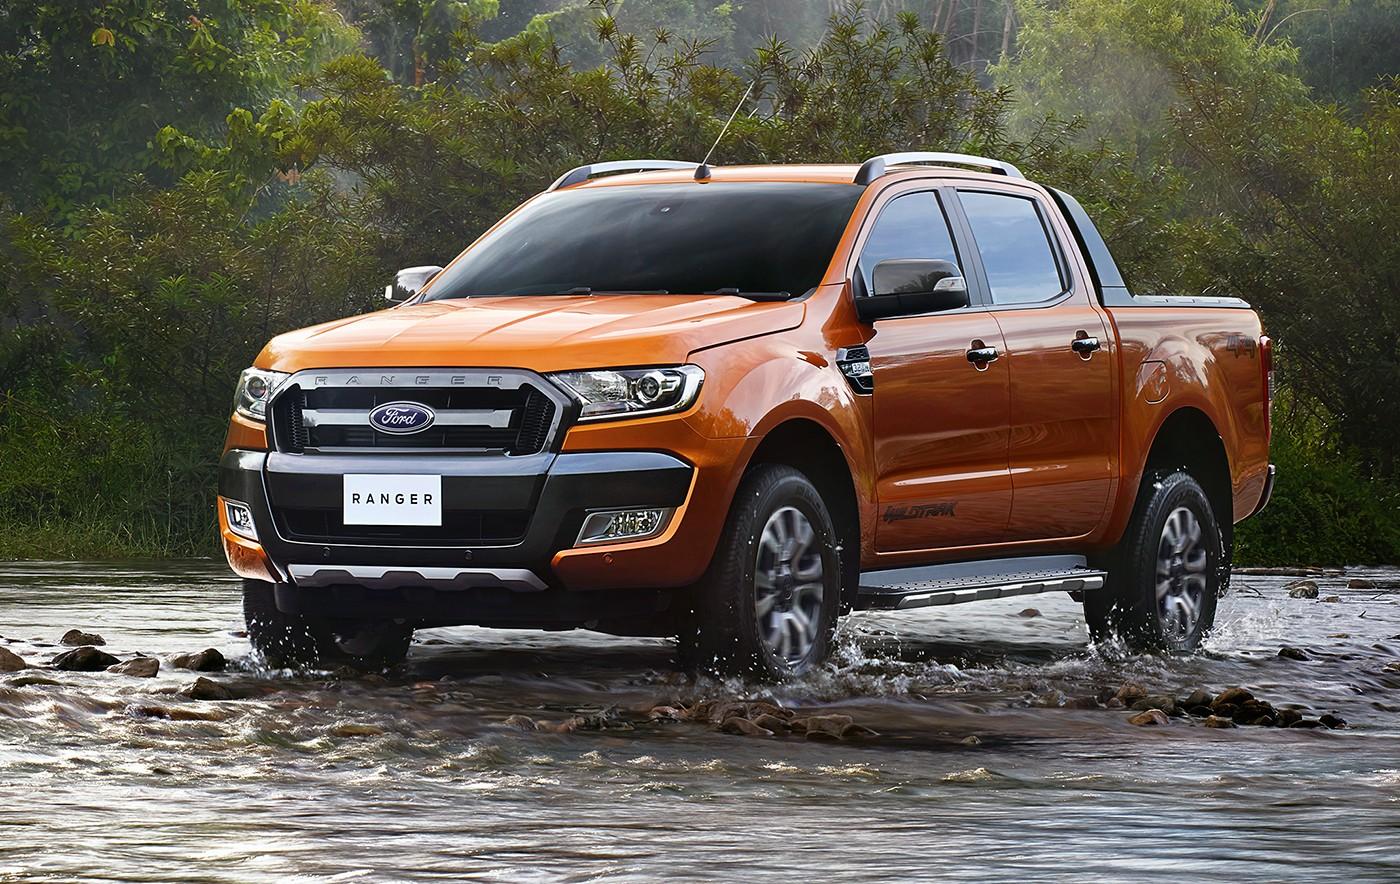 Ford Ranger giữ vững ngôi vương bán tải suốt 3 năm